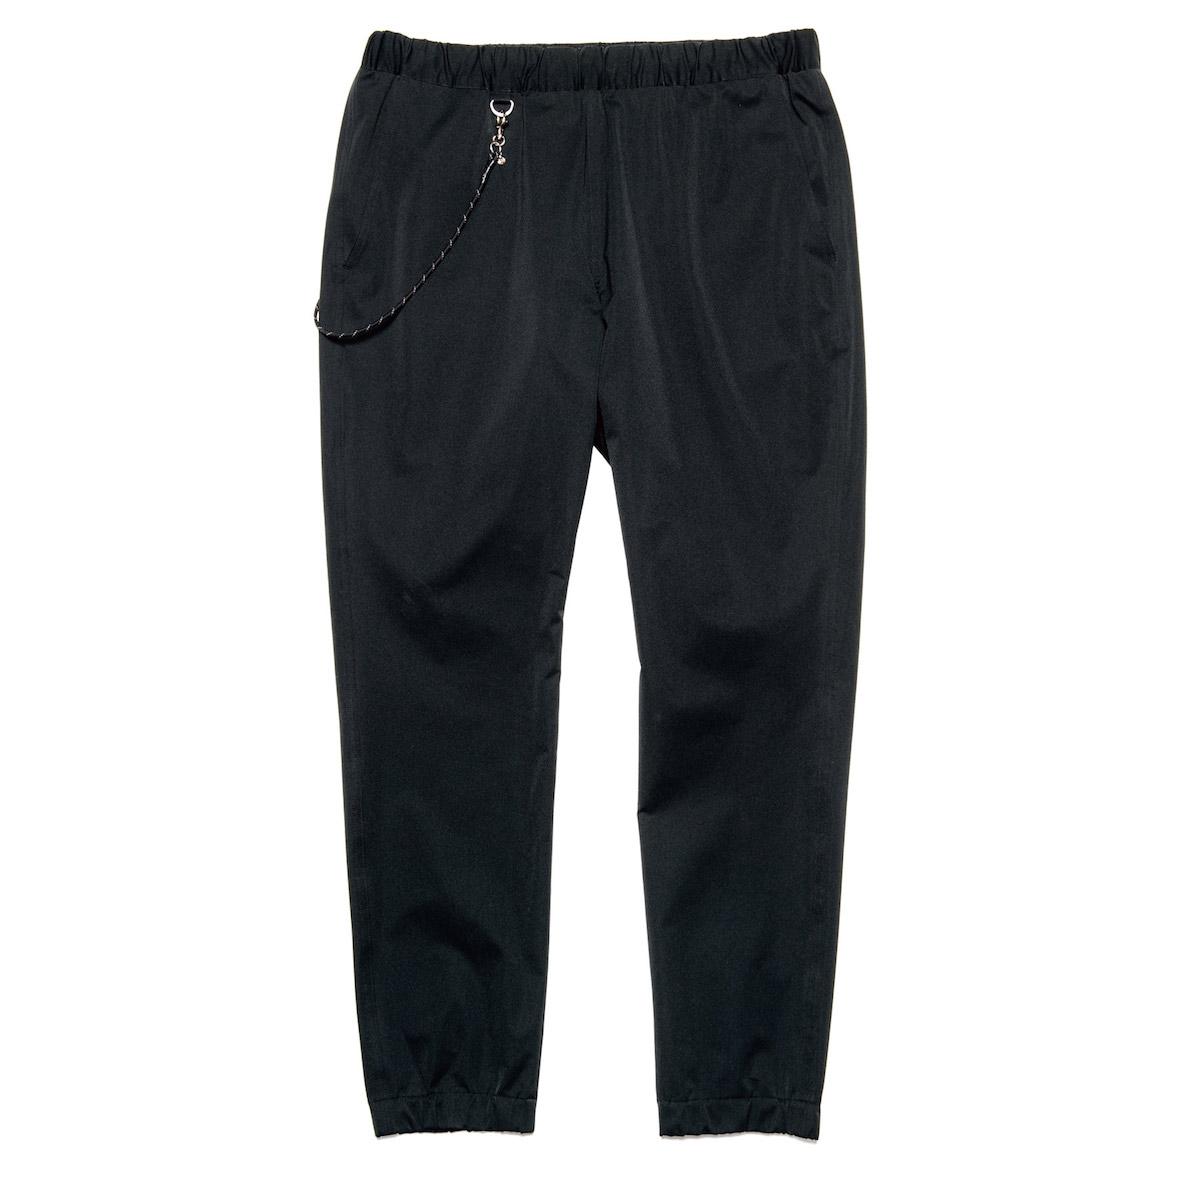 uniform experiment / JOGGER EASY PANTS (Black)